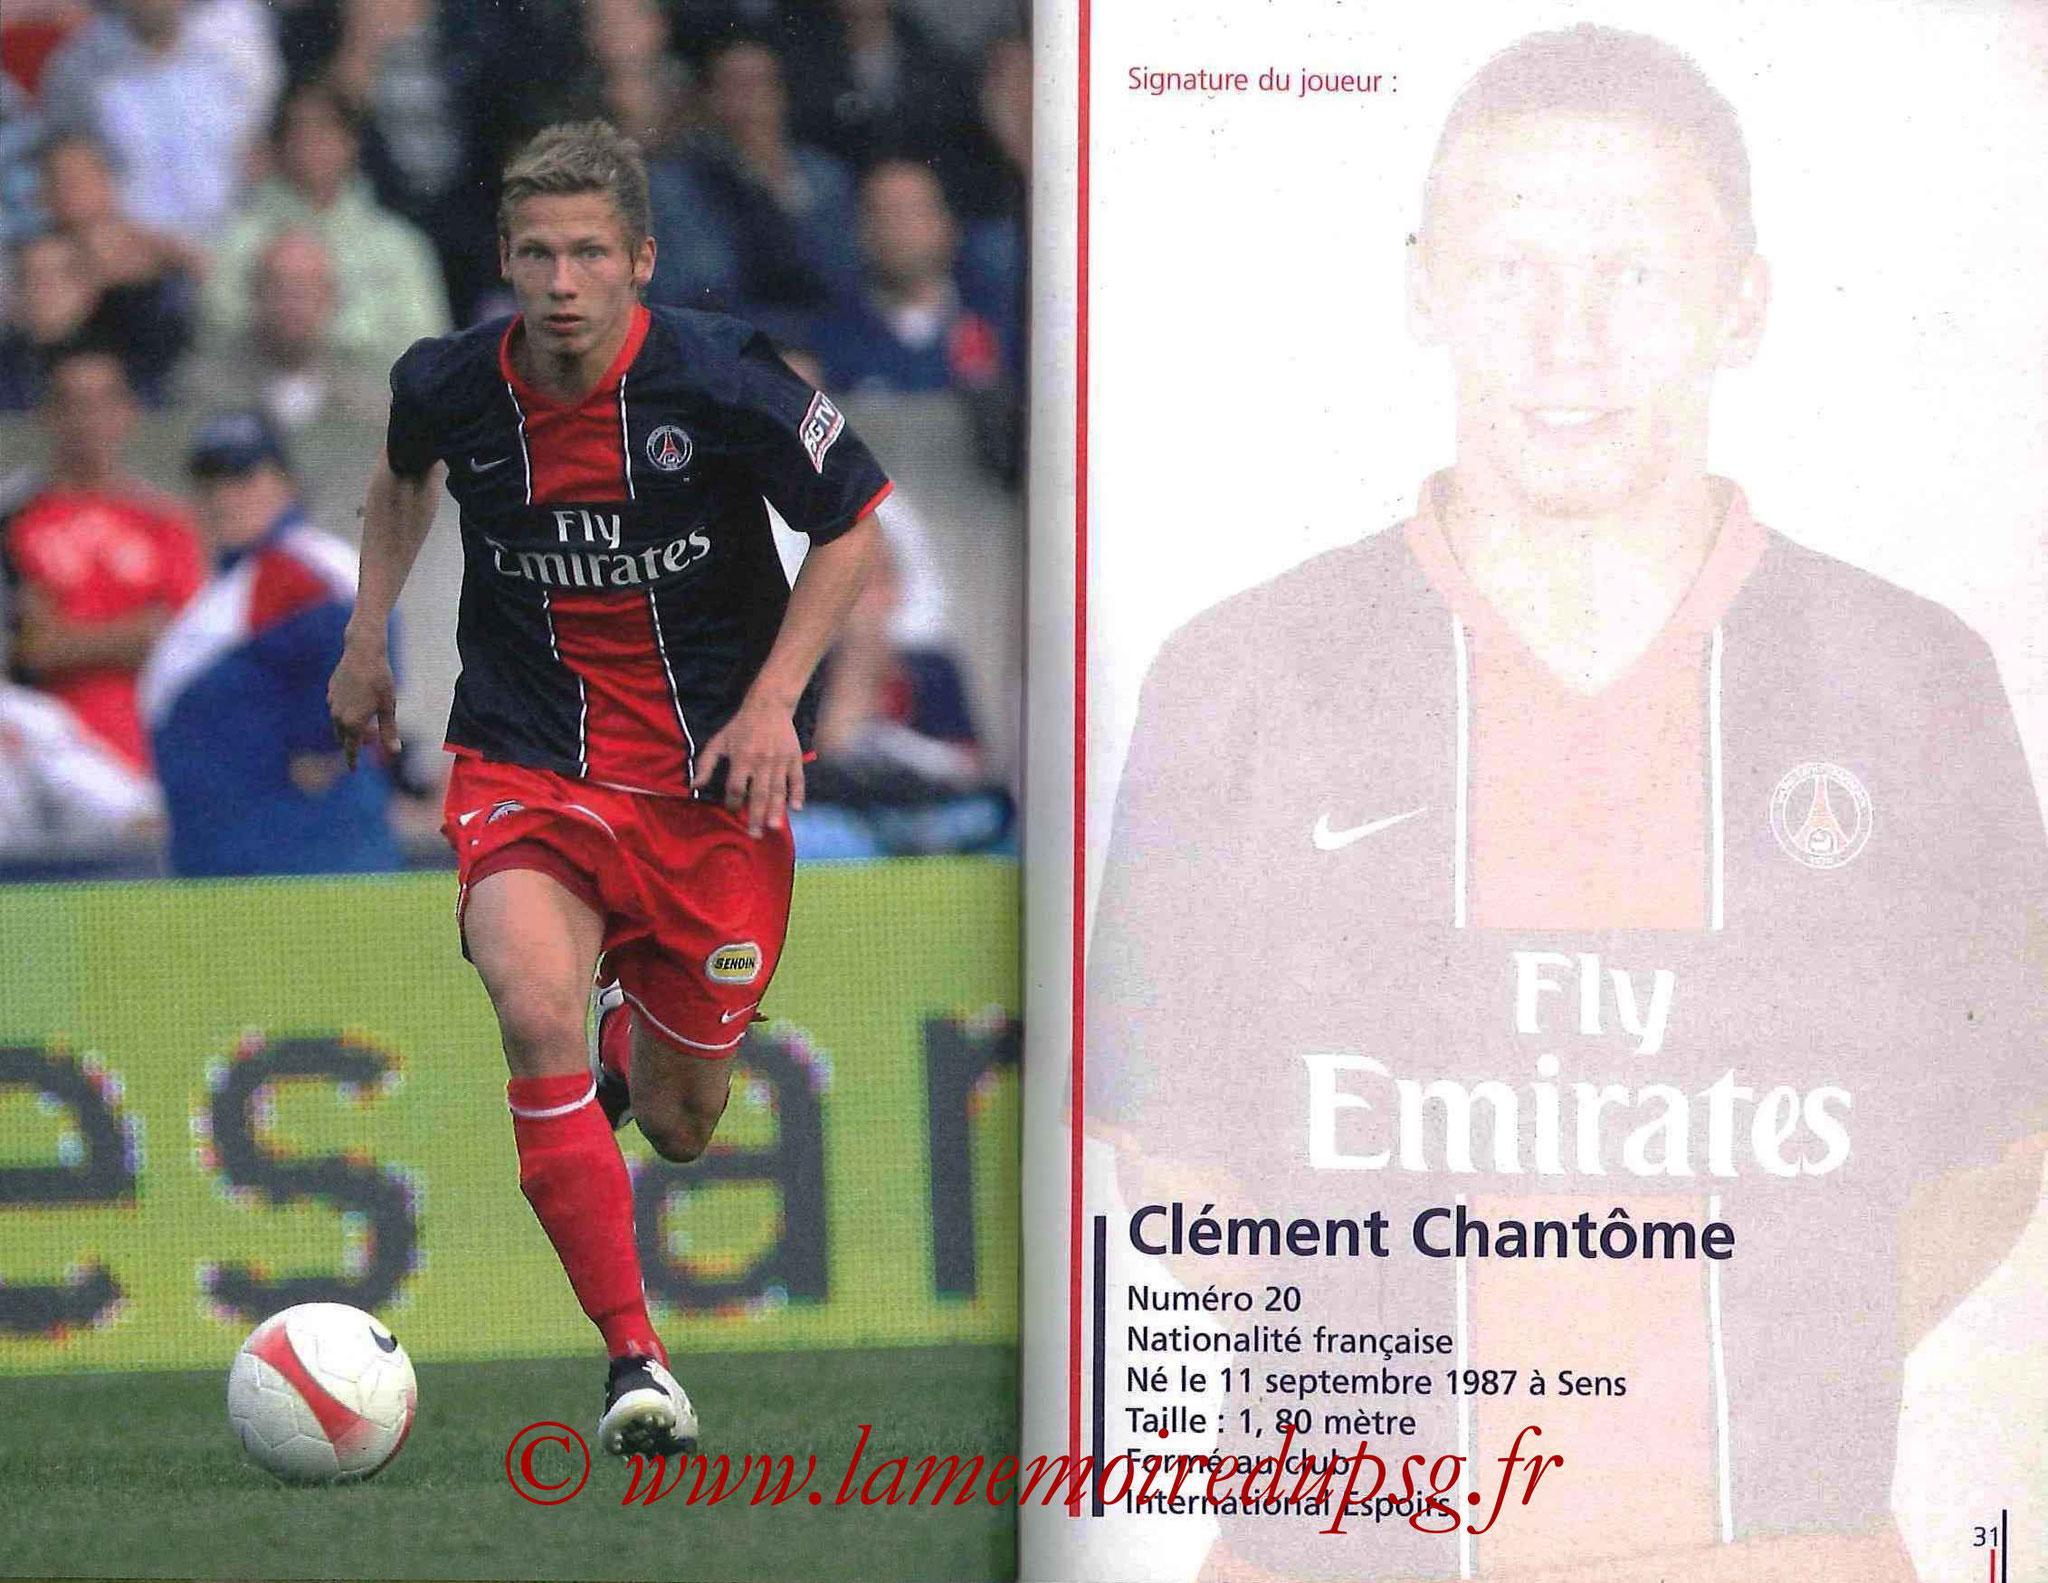 2007-08 - Guide de la Saison PSG - Pages 30 et 31 - Clément CHANTÔME